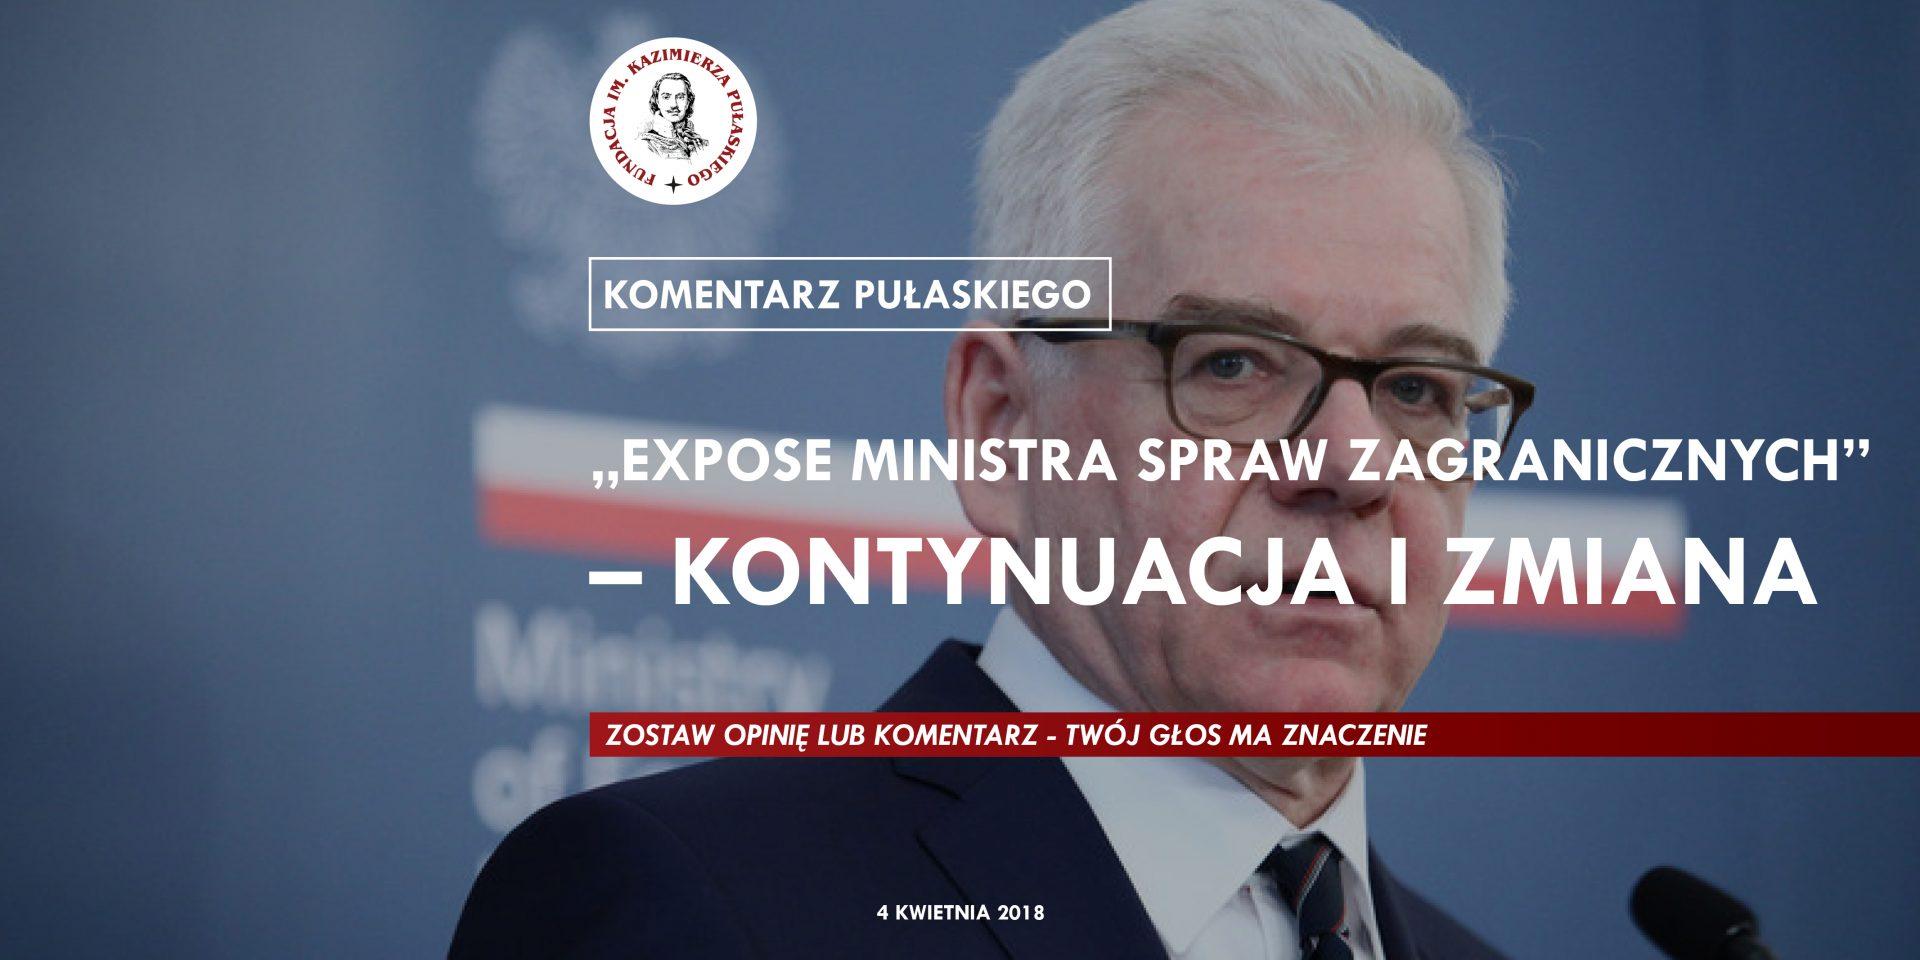 """KOMENTARZ PUŁASKIEGO: """"Expose ministra spraw zagranicznych"""" – kontynuacja izmiana"""